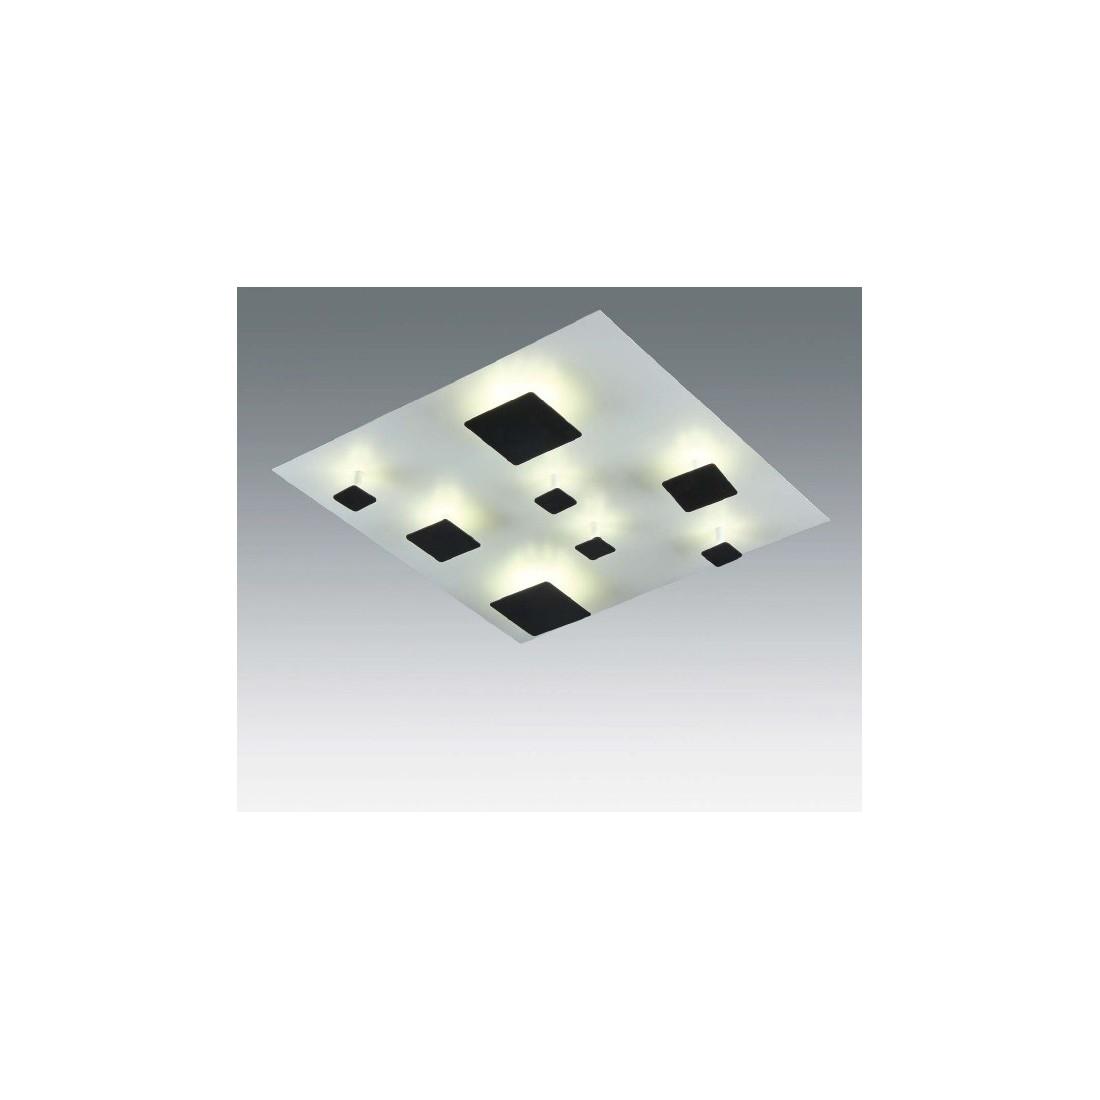 Iluminacion Baño Apliques:apliques para baño, apliques rogu, lamparas rogu, rogu iluminacion